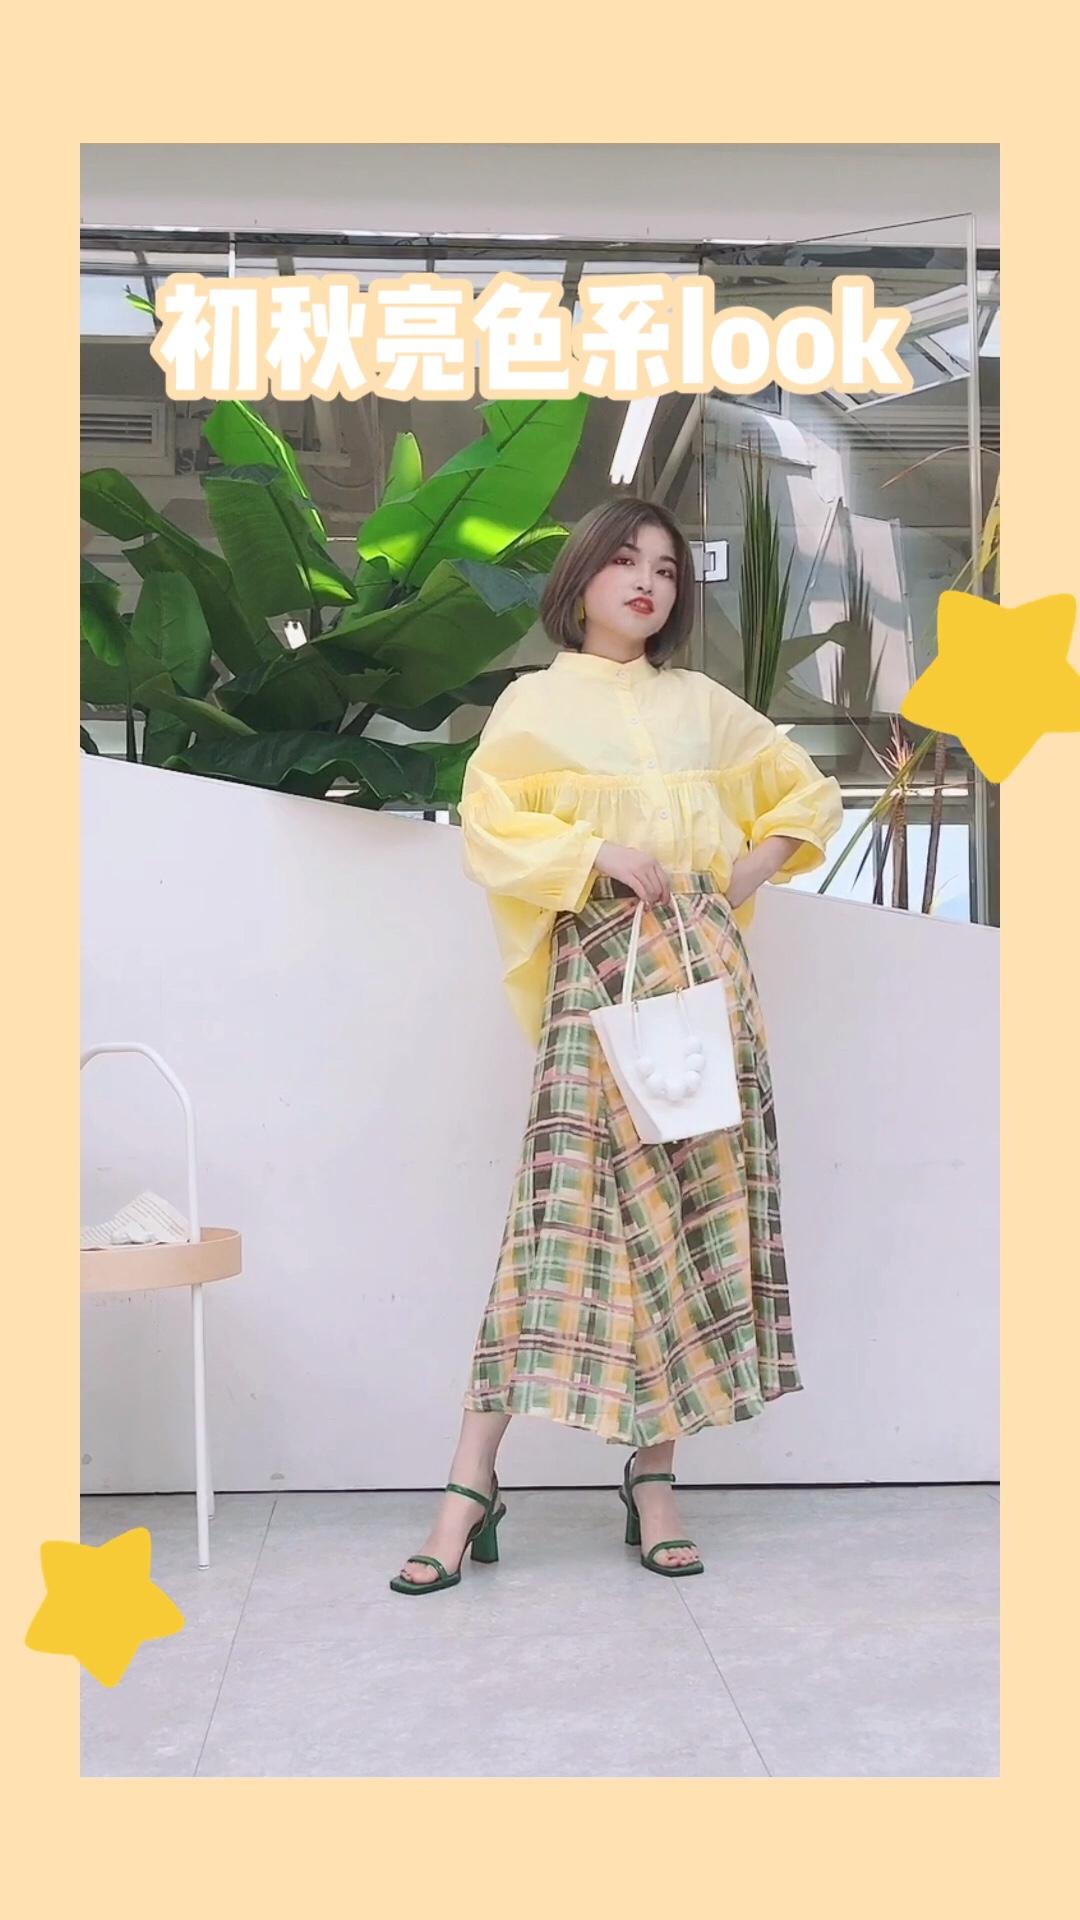 #秋装上新穿搭打卡# 明亮的黄色上衣 搭配相同色系的格纹半裙 很有初秋色彩哦! 黄色不会那么的沉闷~